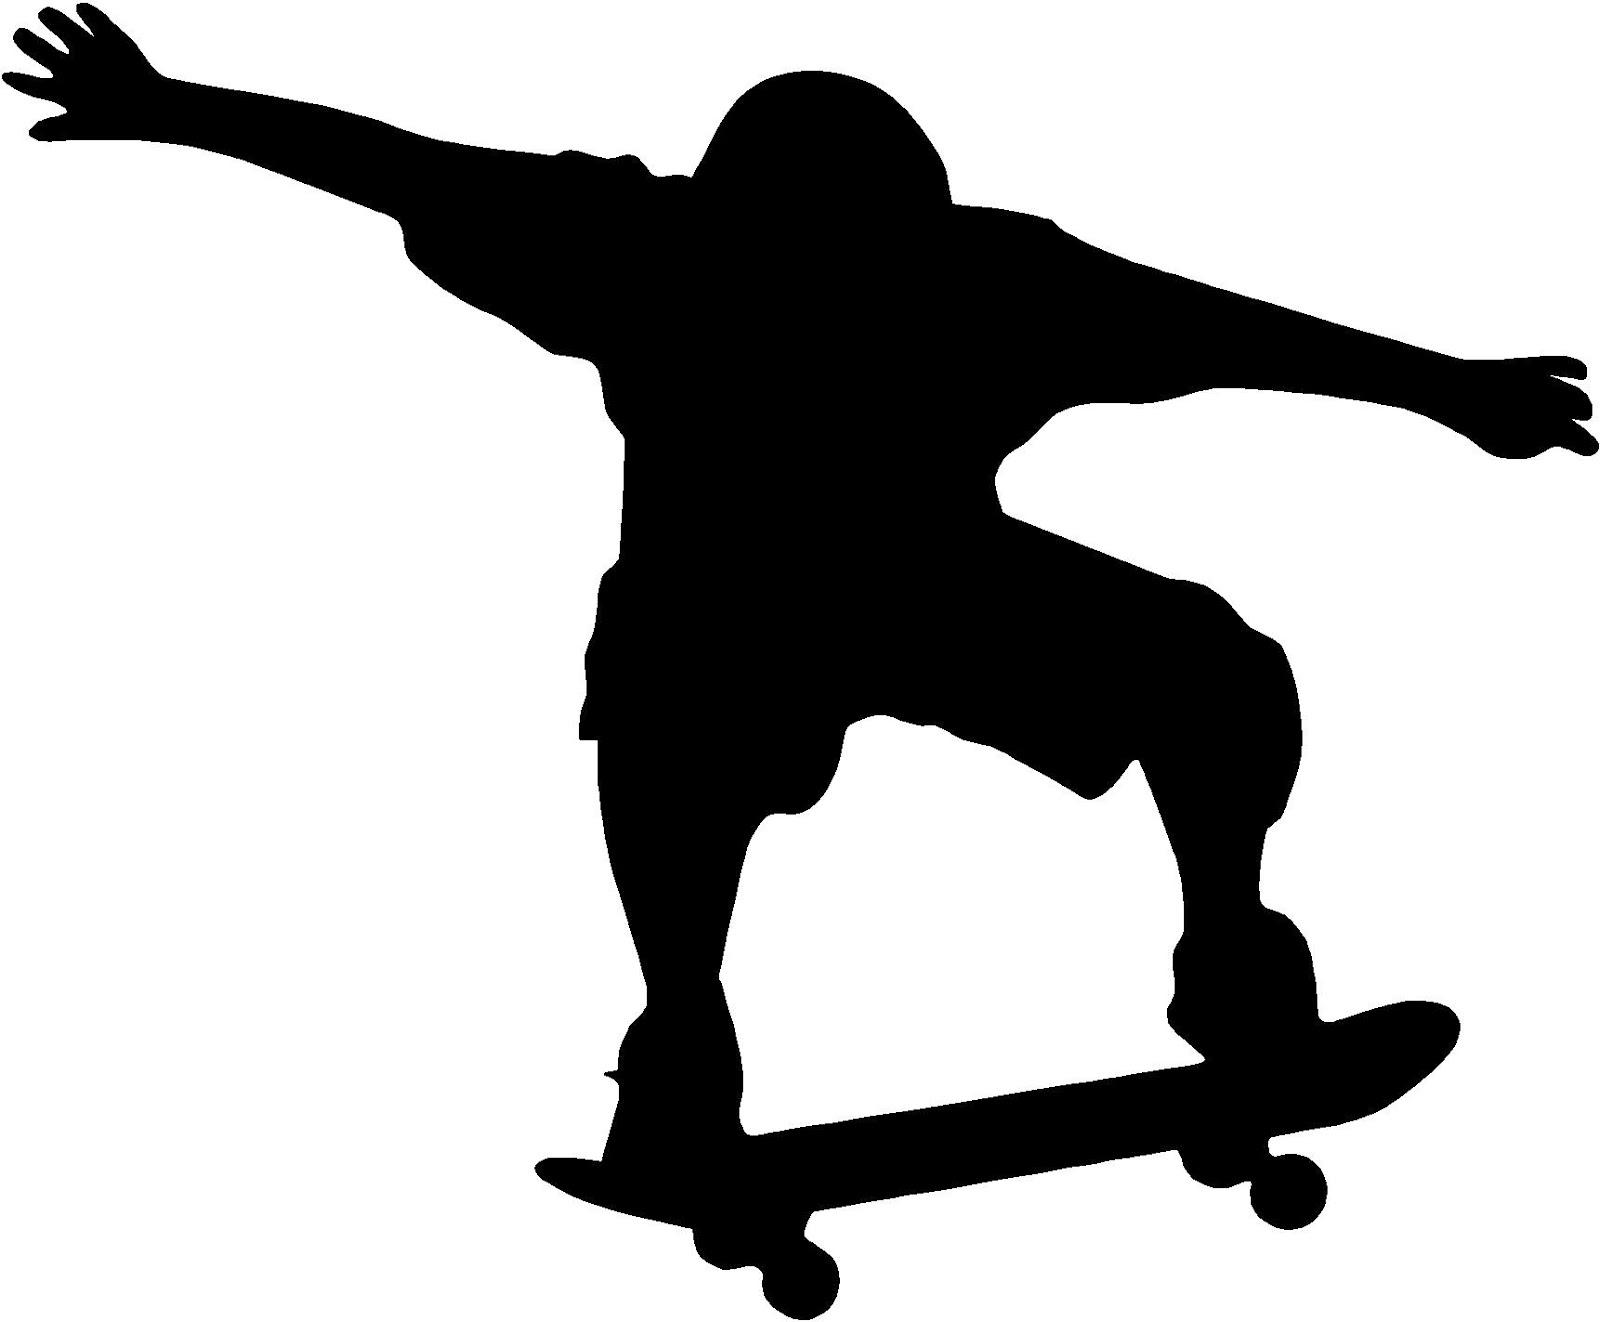 Desenho De Skate Para Imprimir: Desenhos Preto E Branco Para Colorir